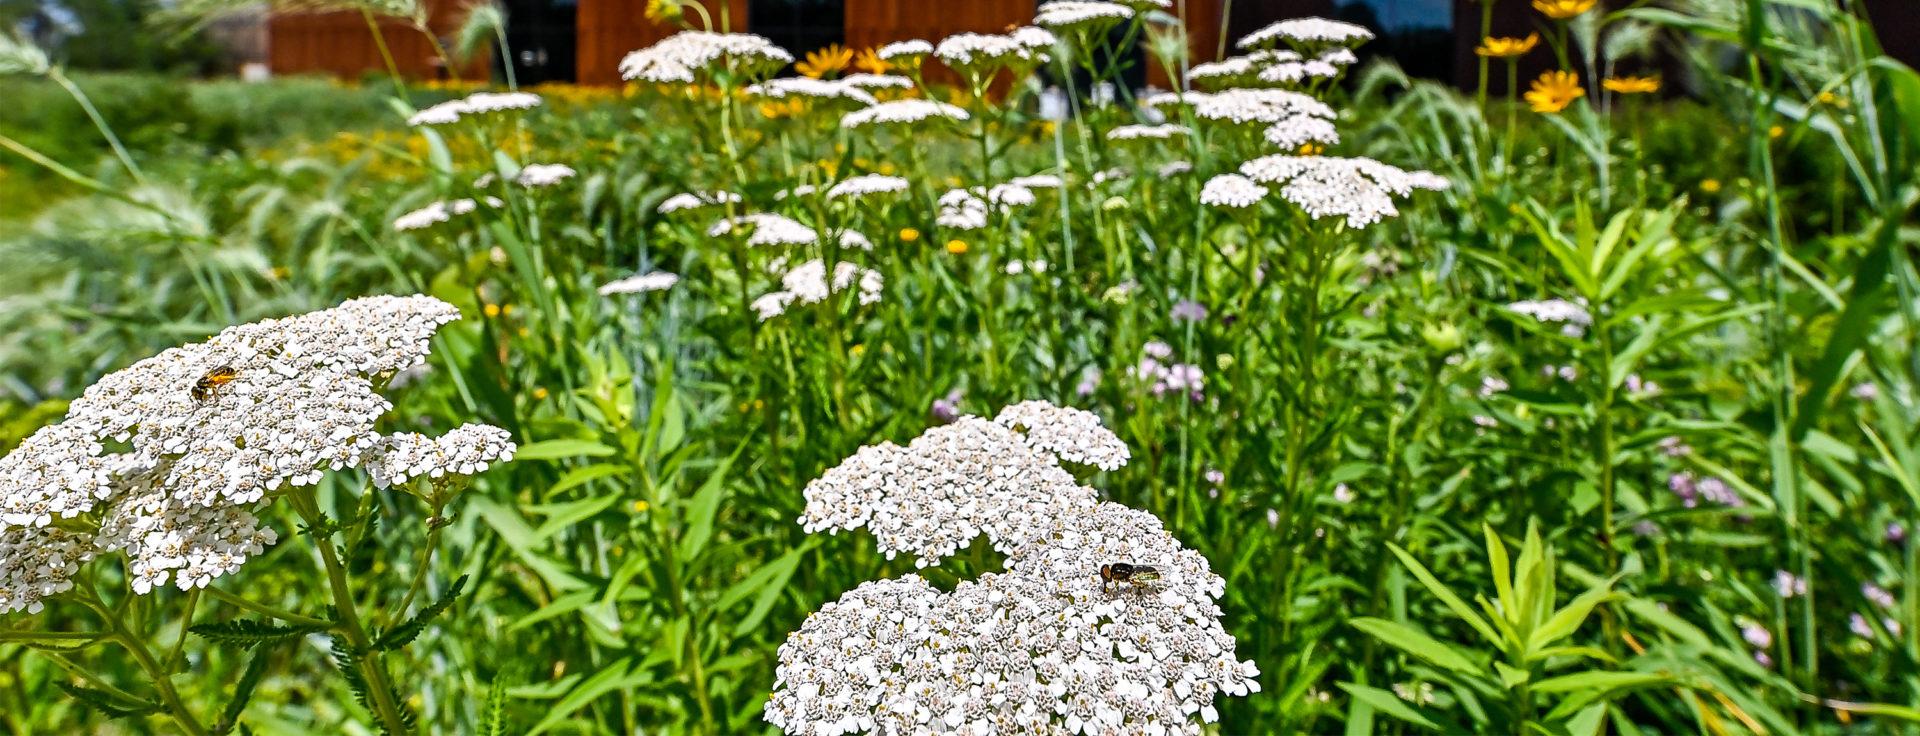 pollinators on white flowers